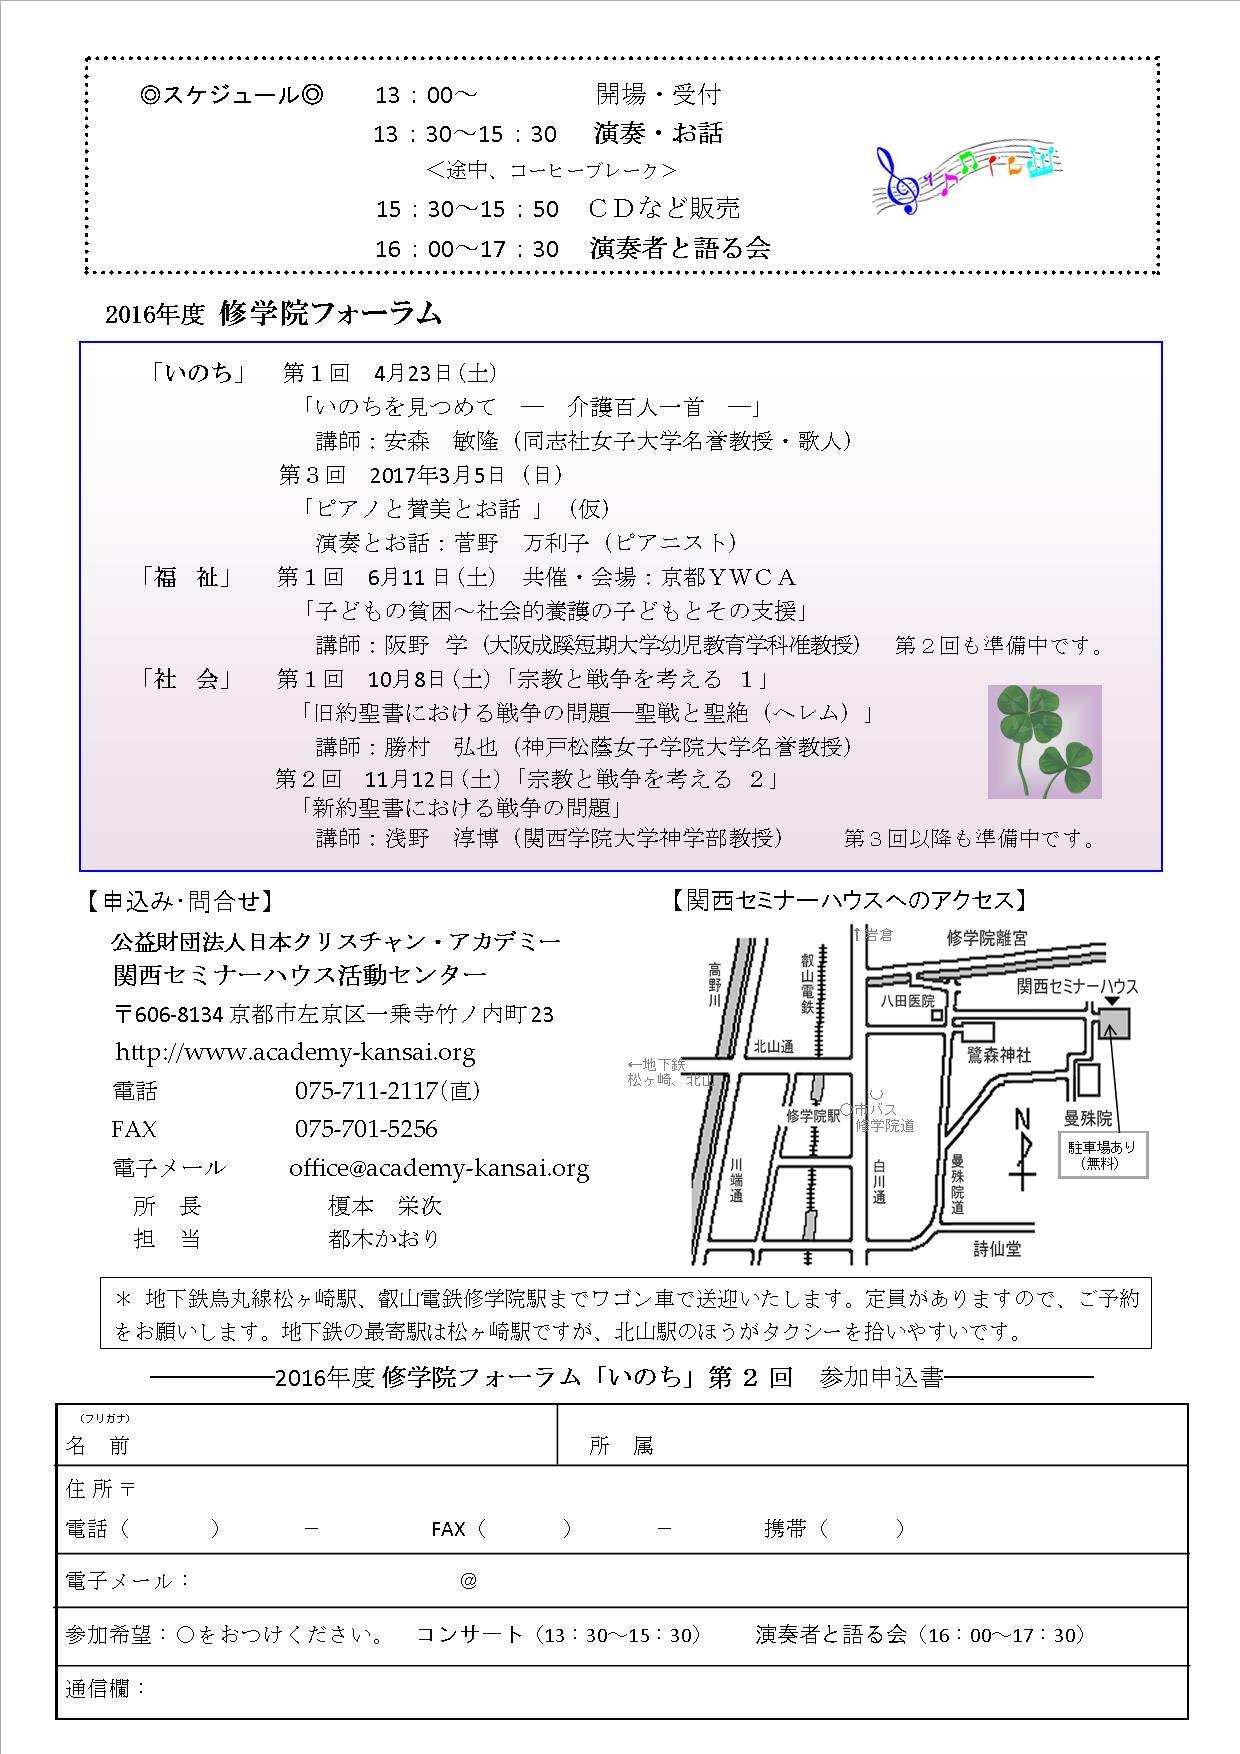 2016-いのち-2 チラシ - 2裏 04-07.jpg